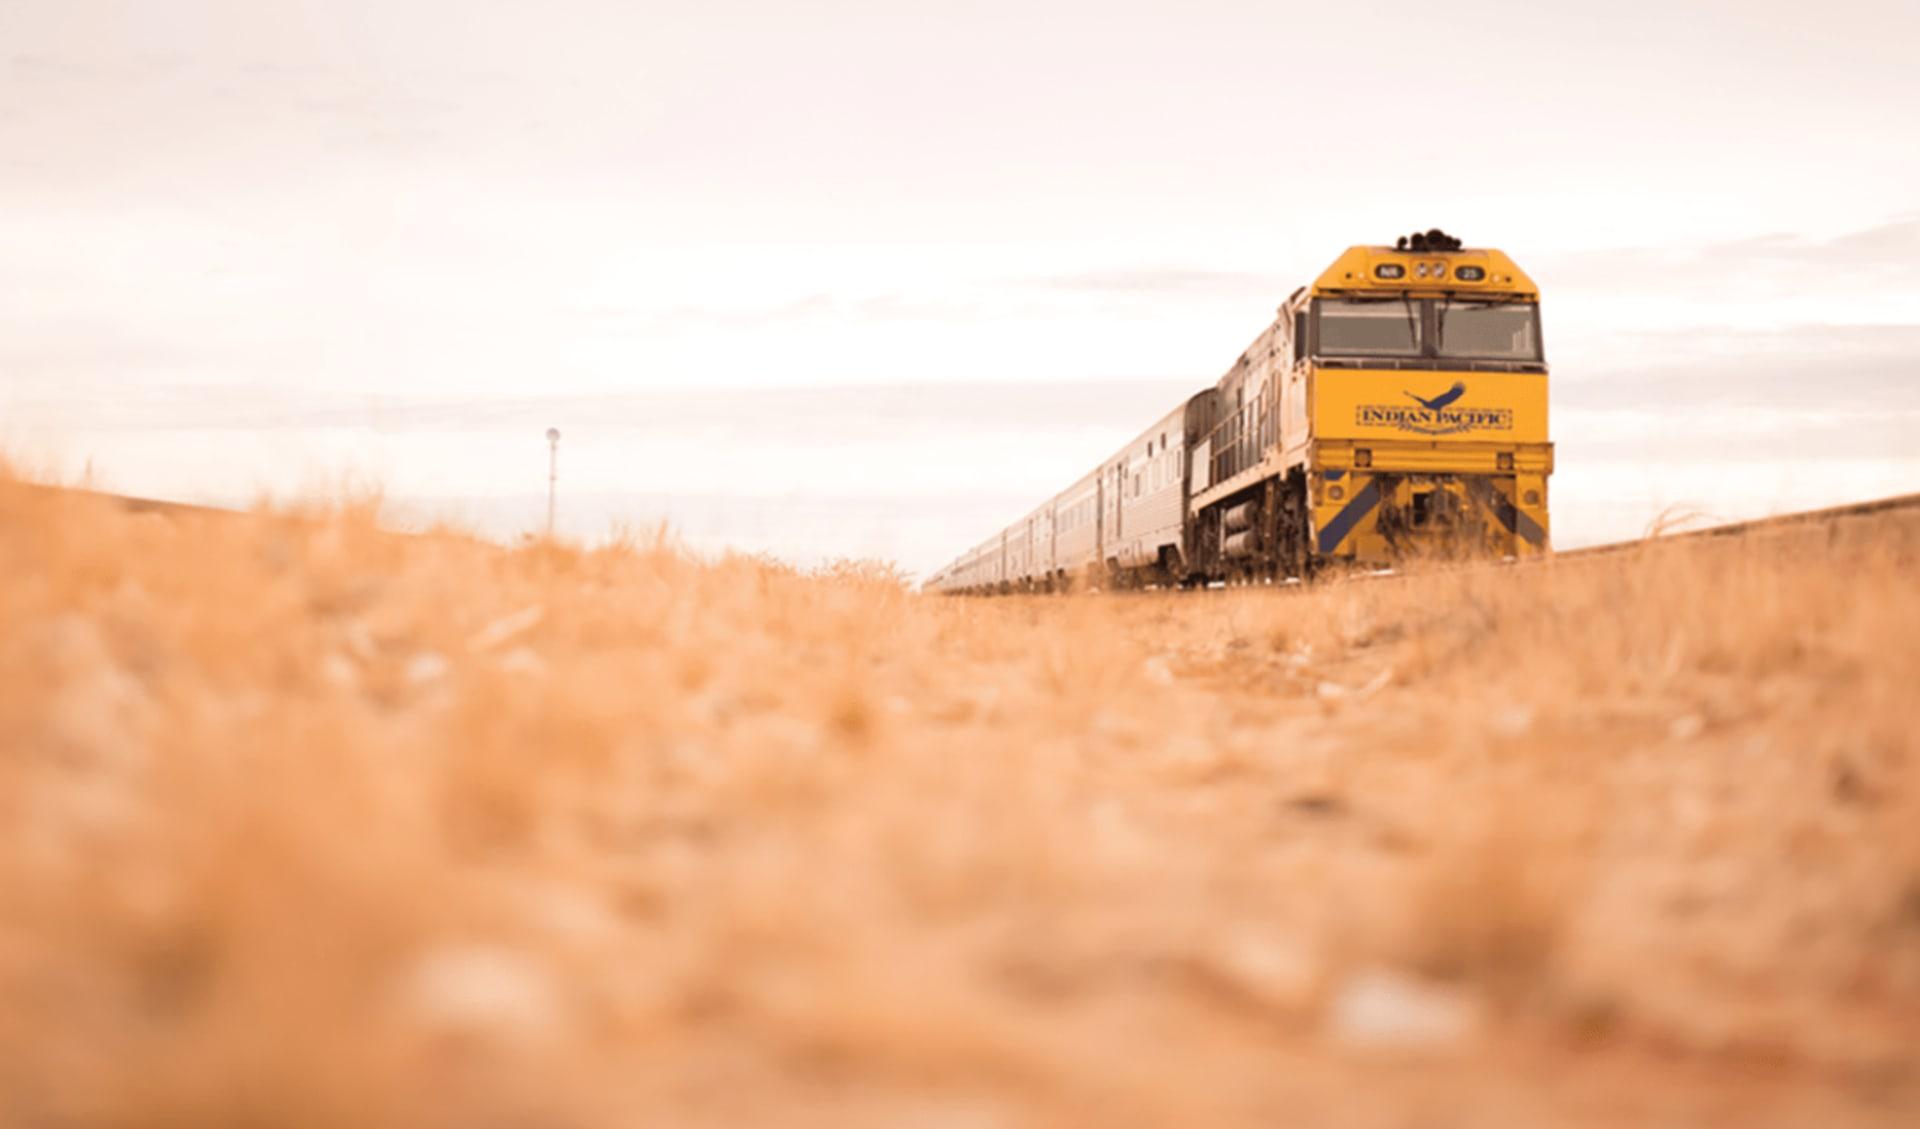 Indian Pacific von Sydney nach Perth: Australien - Bahnreisen - Indian Pacific auf Grasfläche 2018